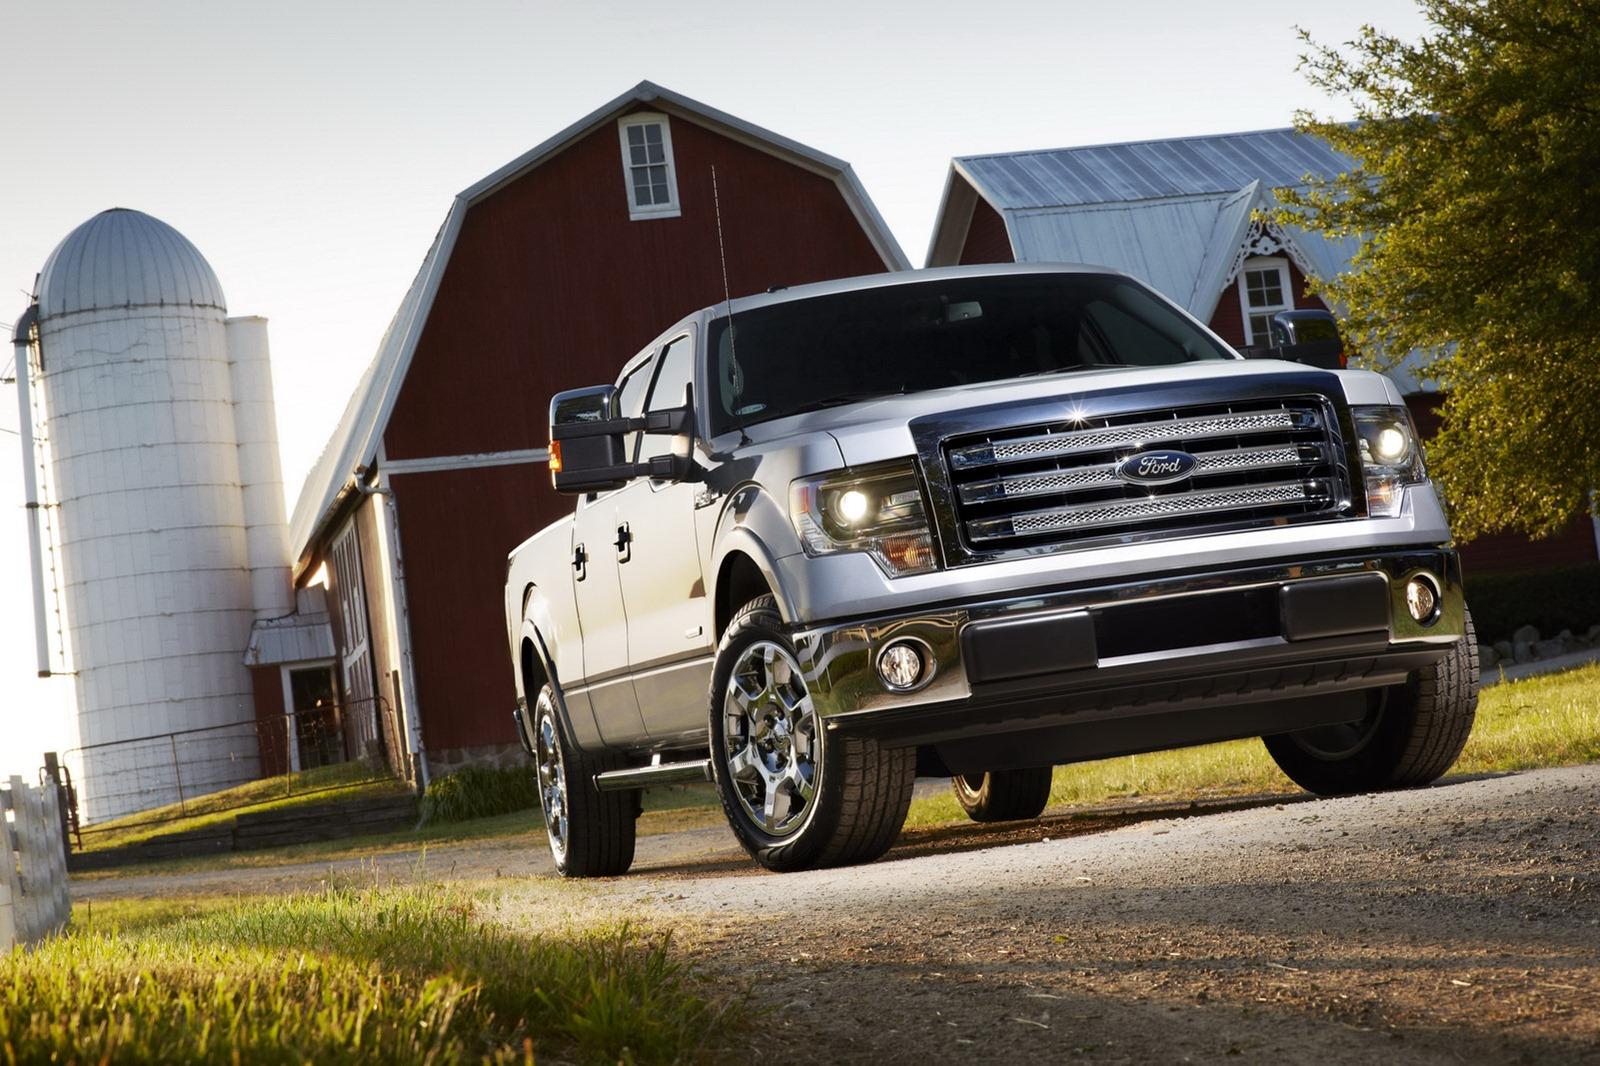 Ford F150 - Huyền thoại sống trong dòng bán tải